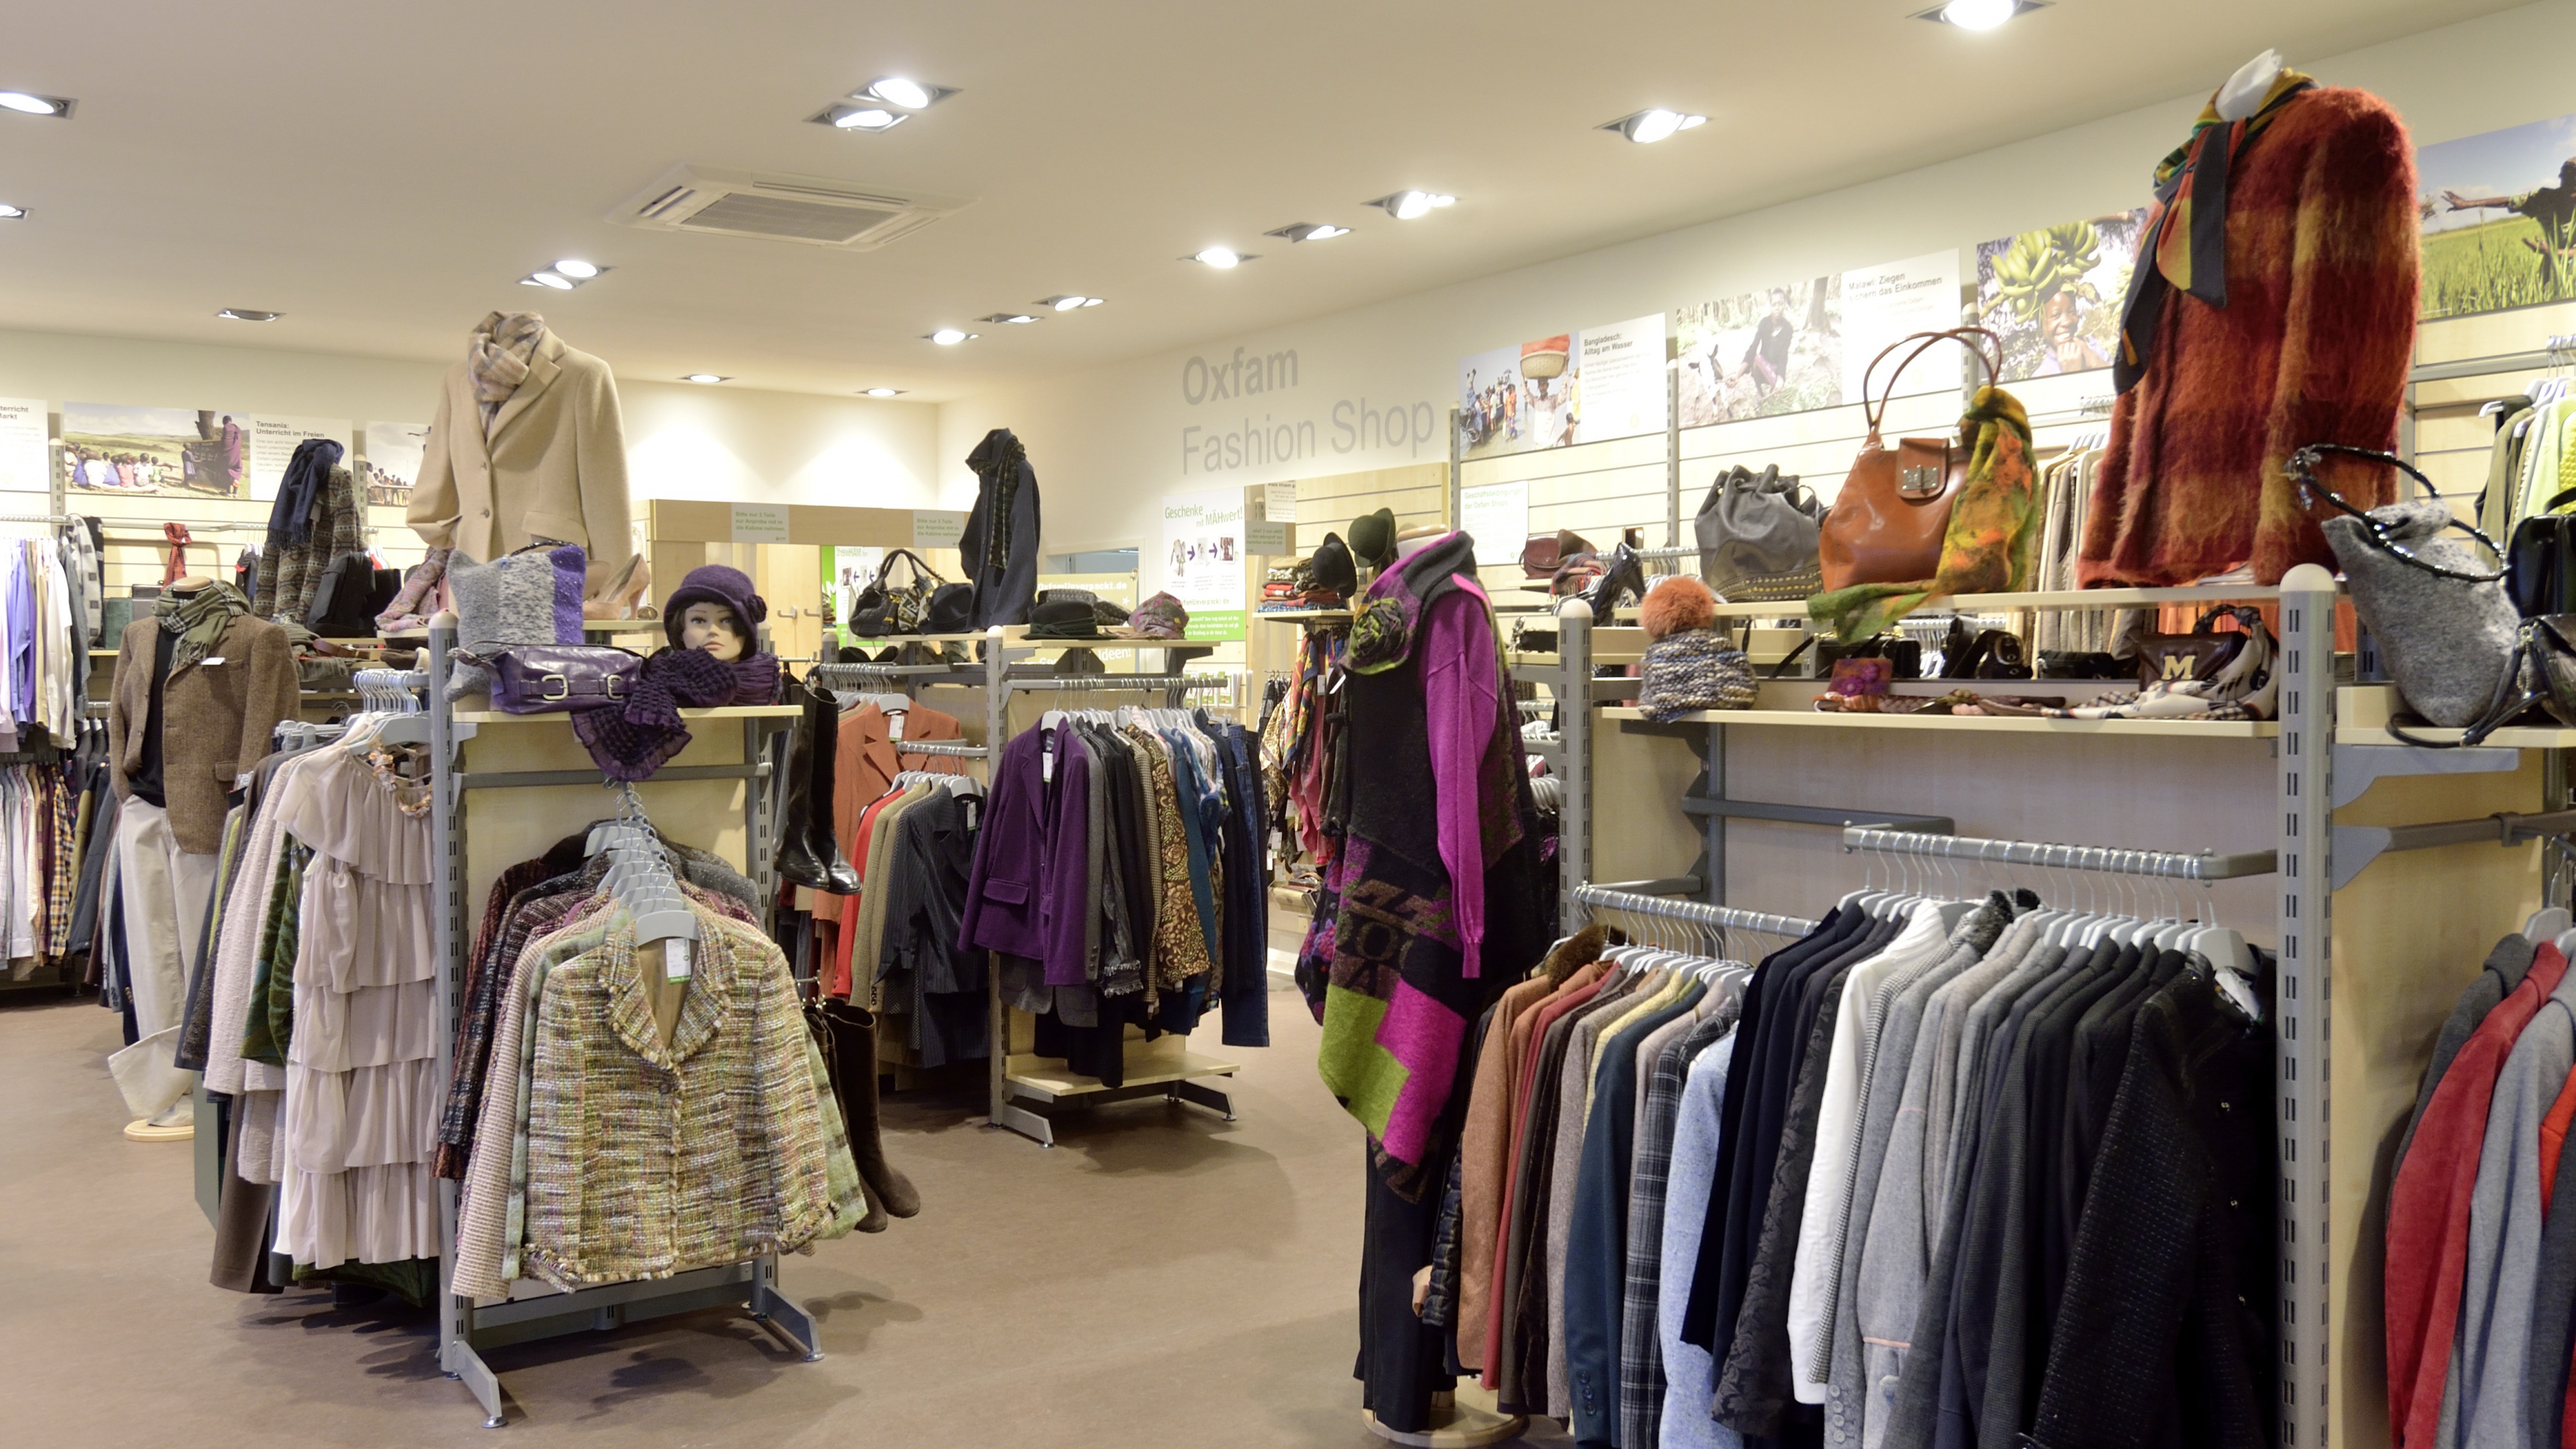 Oxfam Fashionshop München - Innenansicht